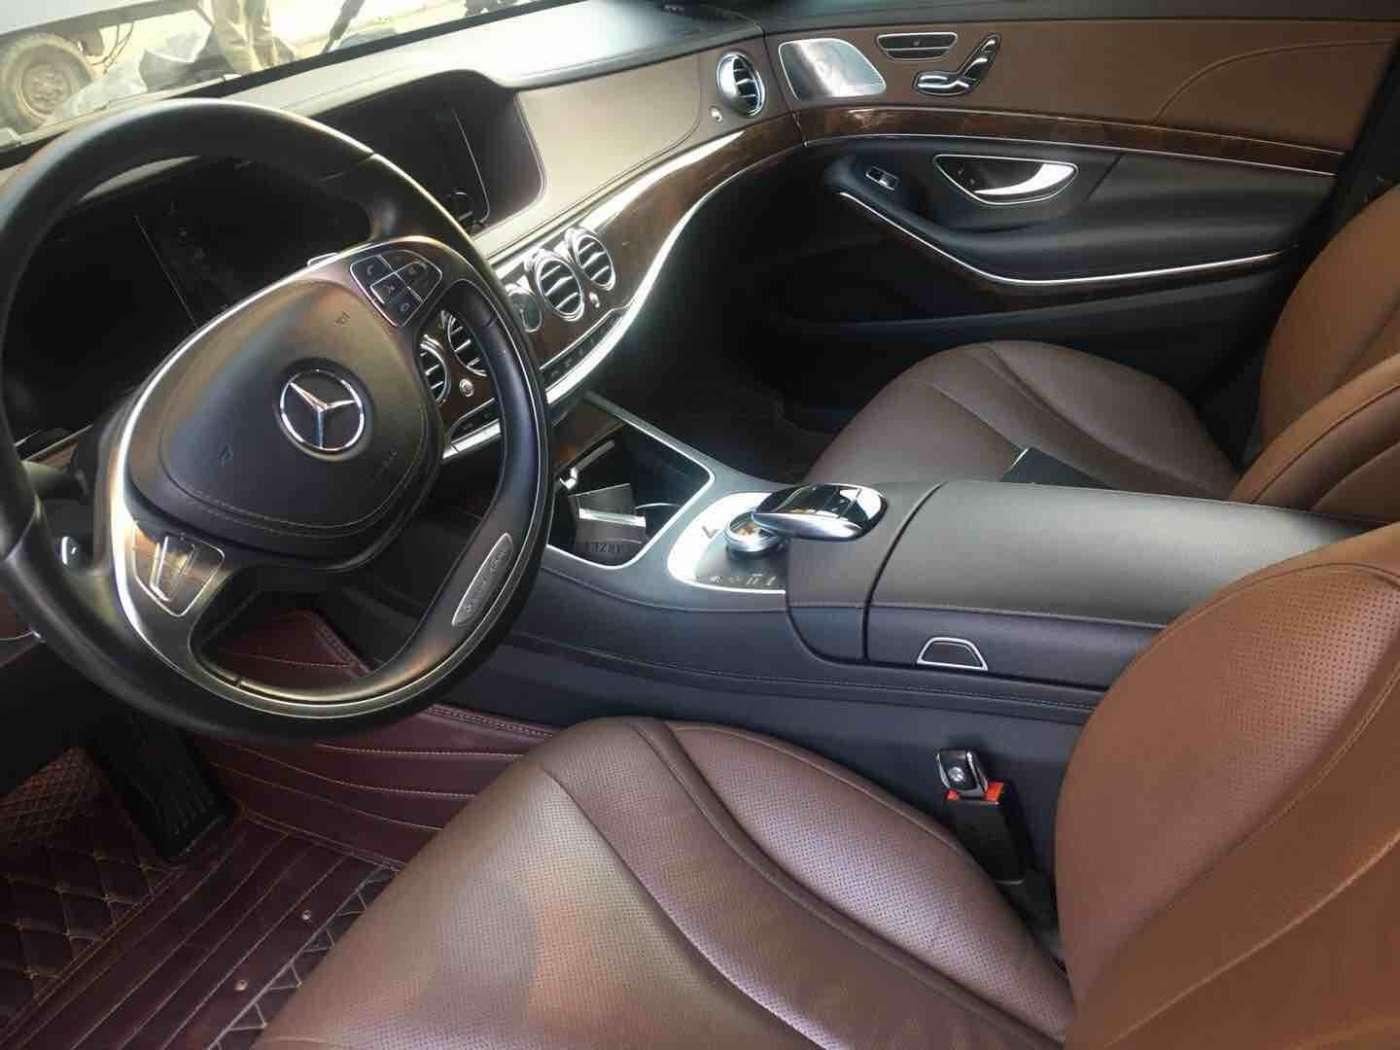 2014年12月 奔驰S级 2014款 S 320 L 豪华型 |甄选奔驰-北京卡斯基汽车服务有限公司